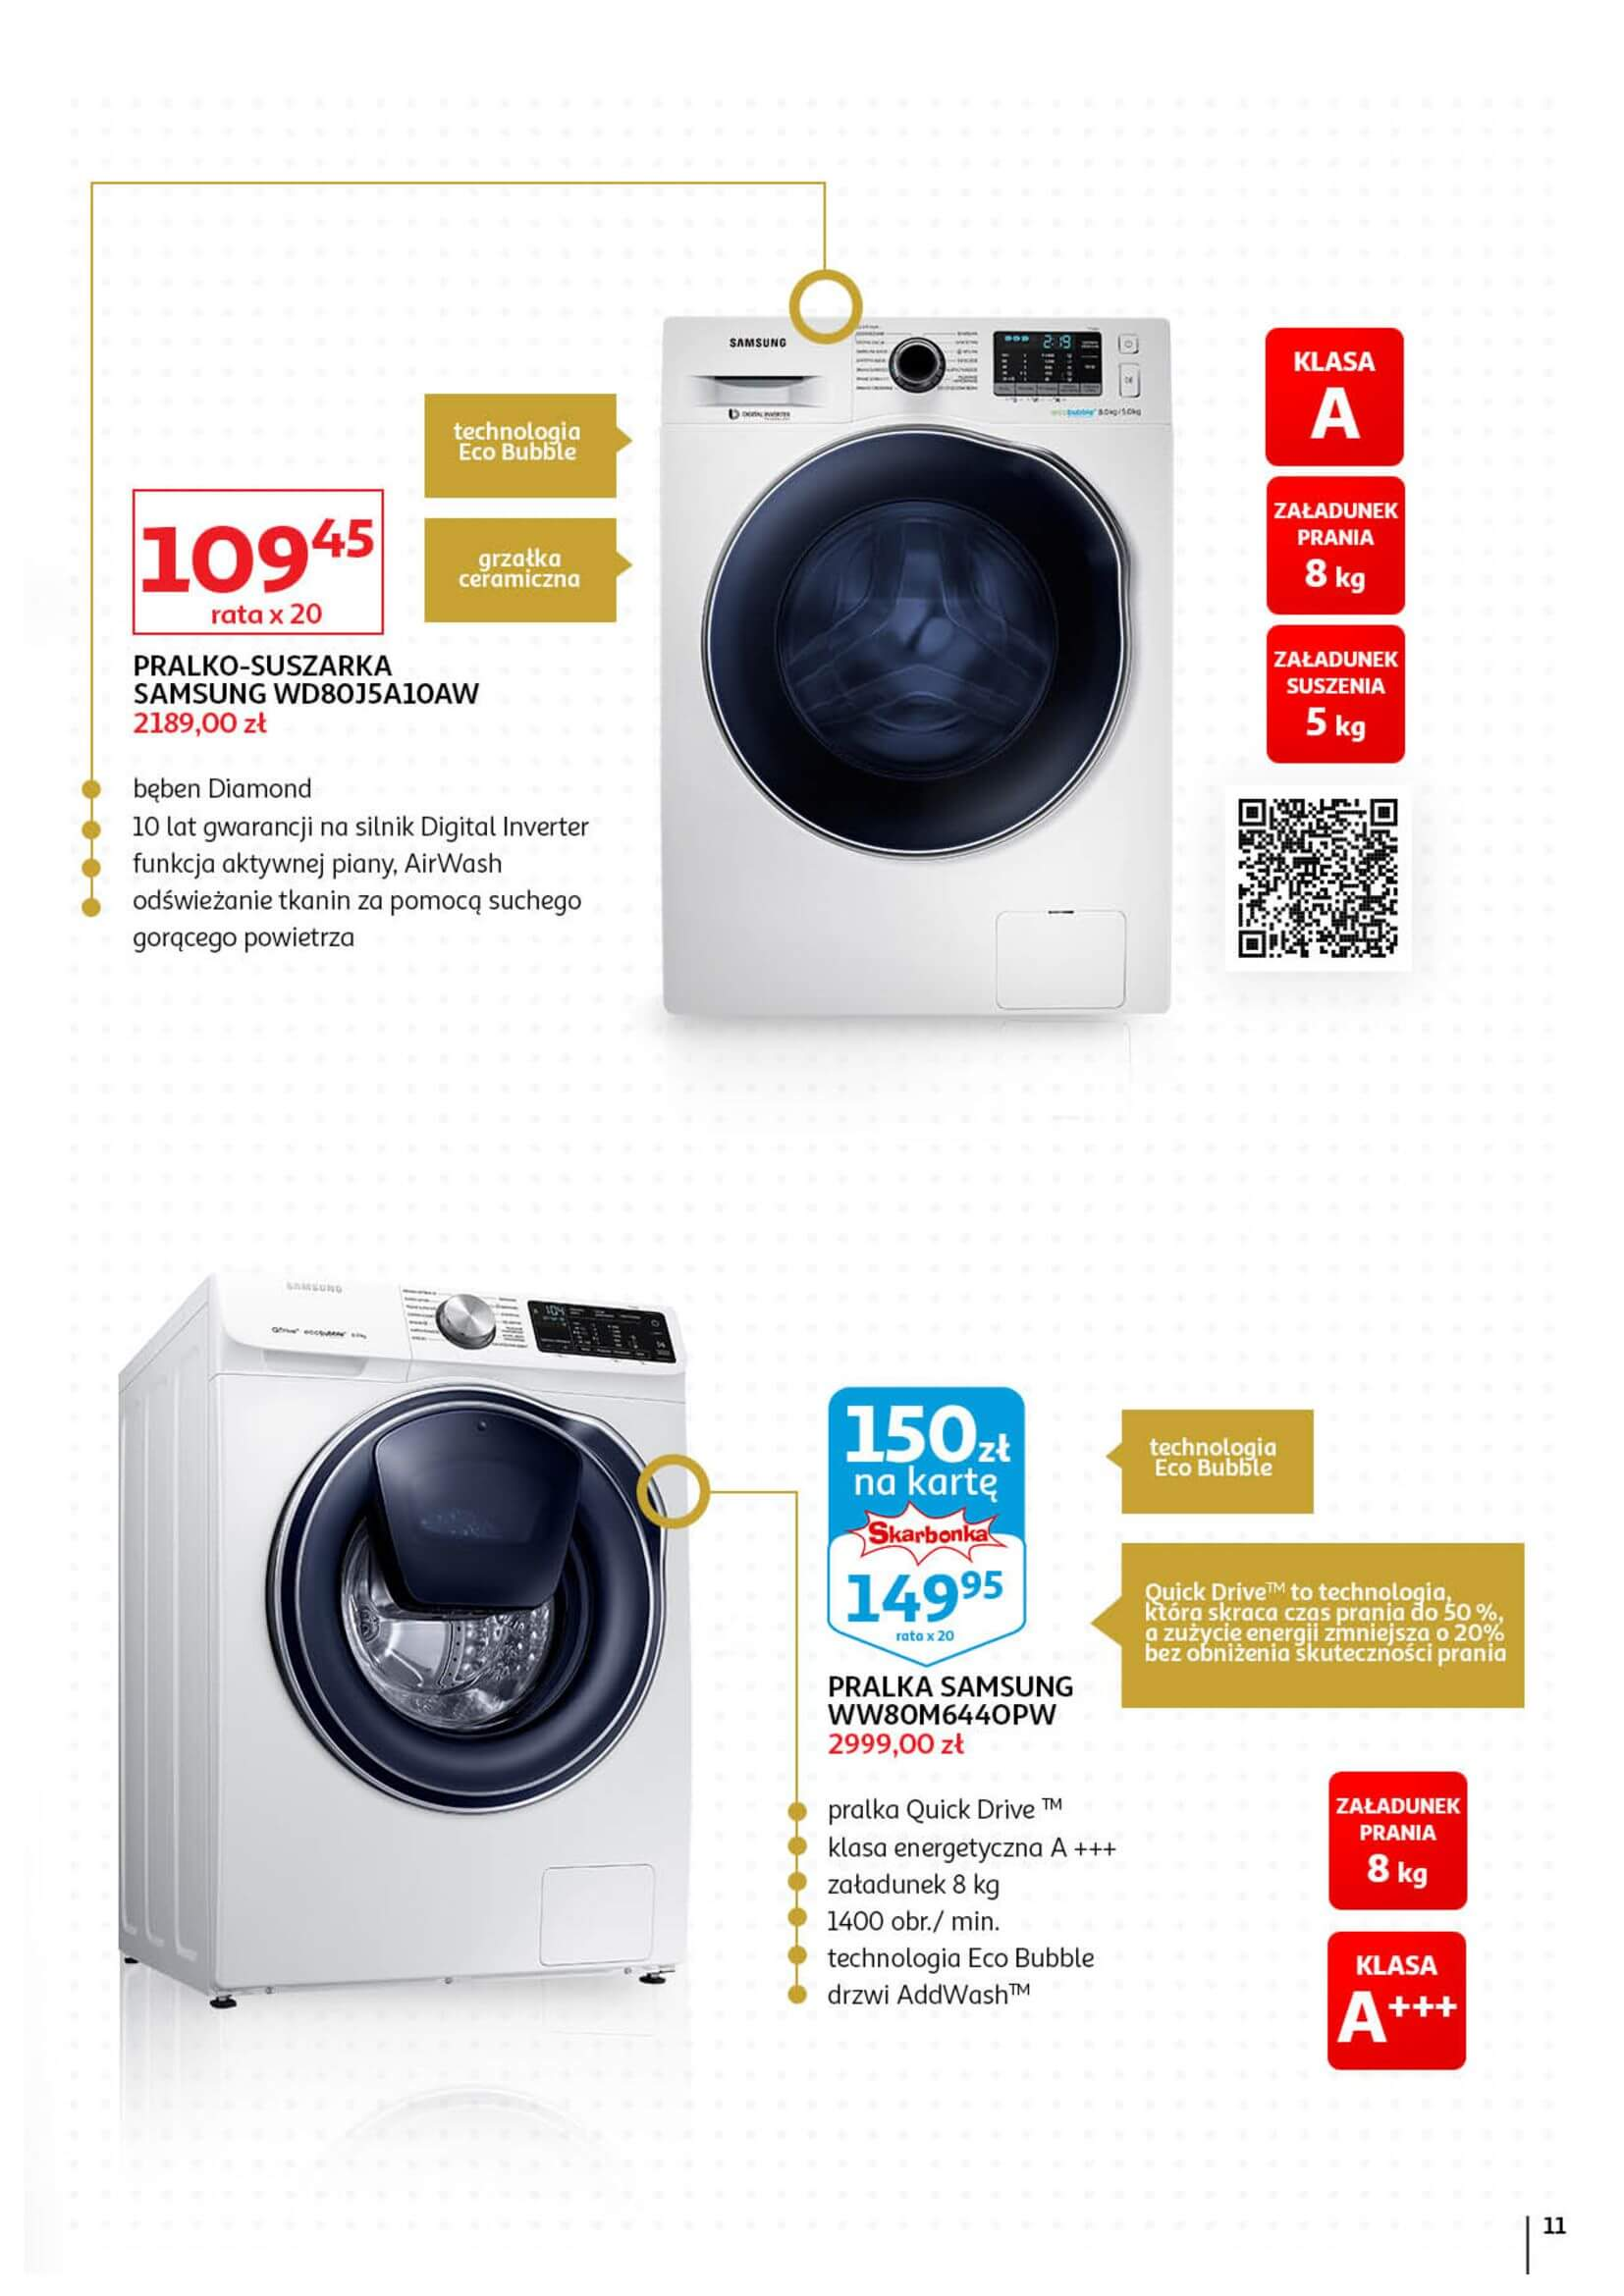 Gazetka Auchan - Oferta Auchan Premium Hipermarkety-13.02.2019-27.02.2019-page-